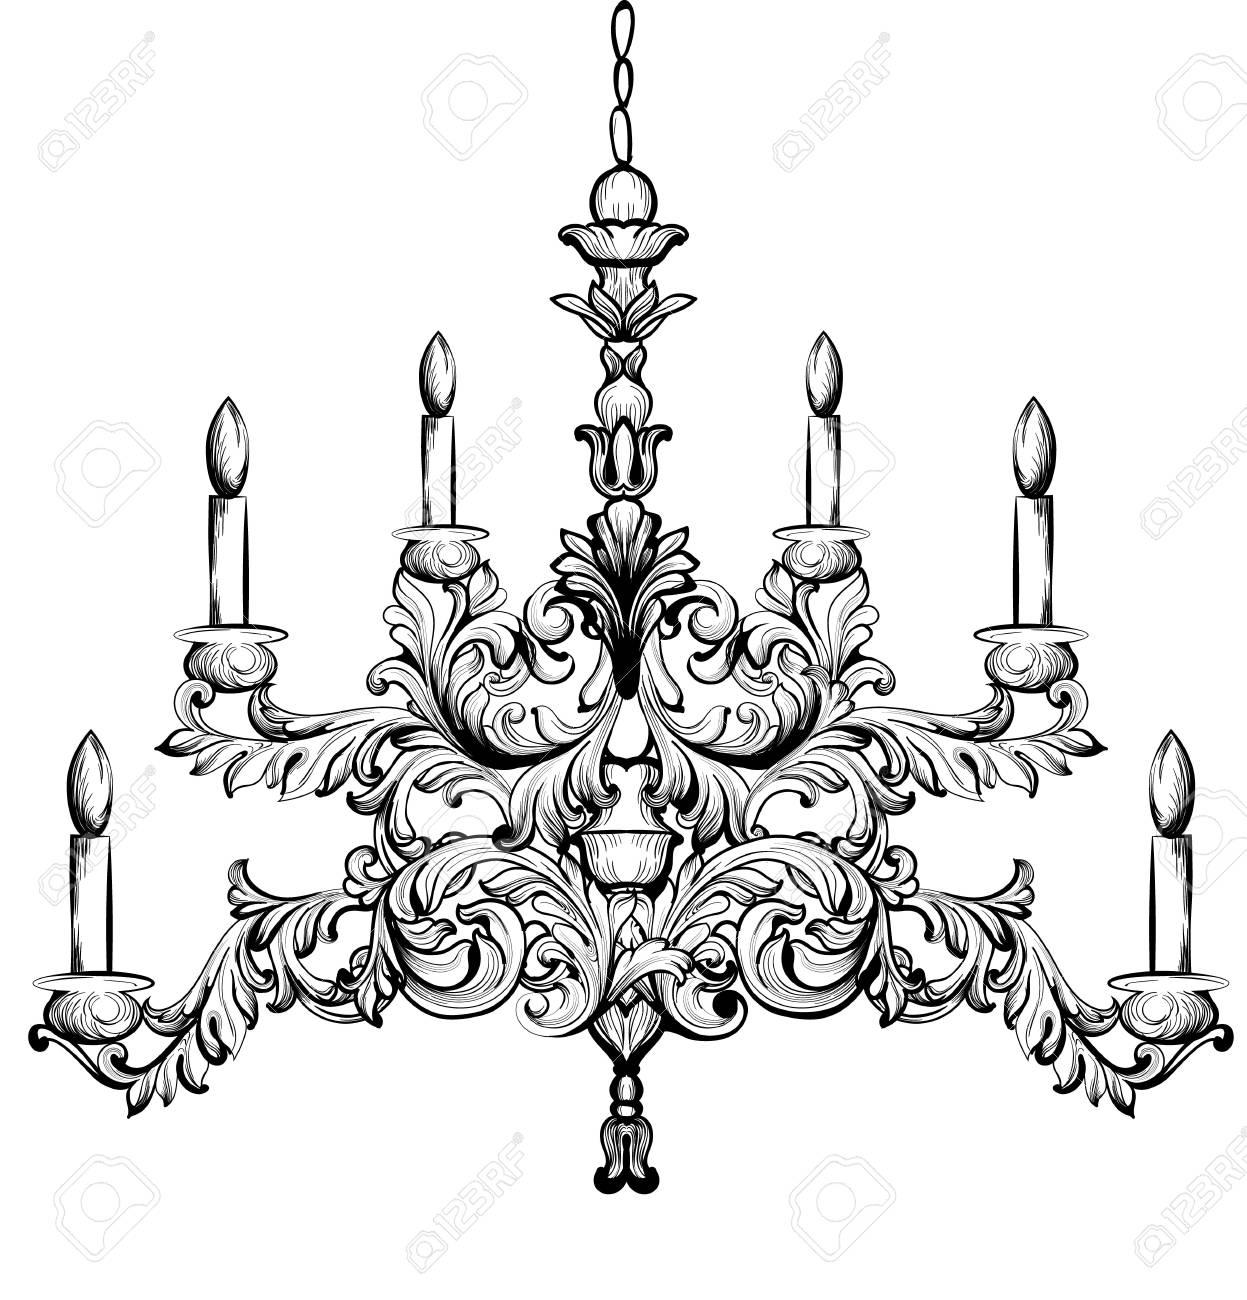 バロック式のシャンデリア高級装飾アクセサリーのデザインベクトル